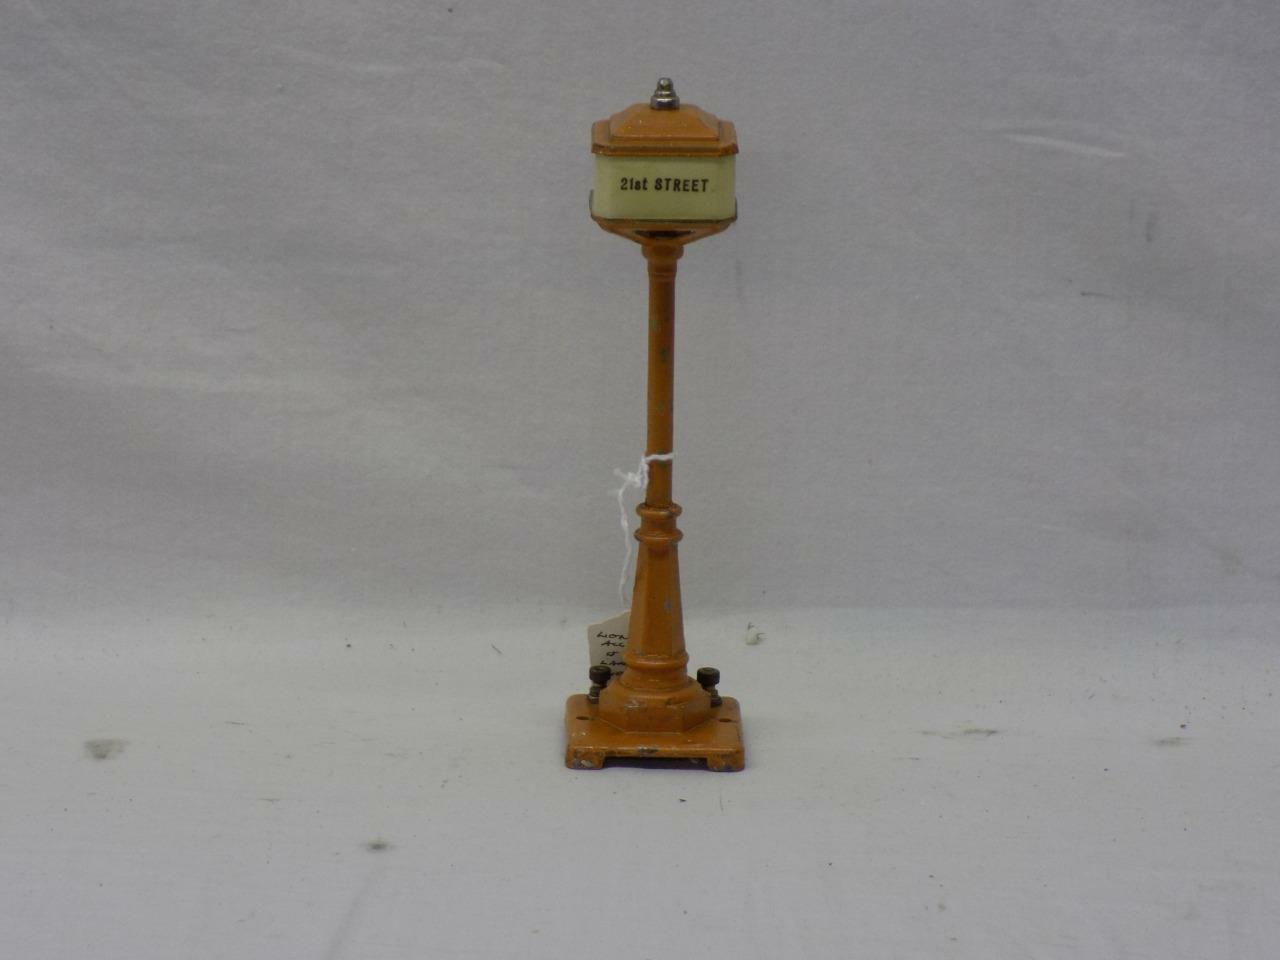 vendiendo bien en todo el mundo Original preguerra Lionel Lionel Lionel   57 poste de luz con cuatro nombres de calle  Obtén lo ultimo